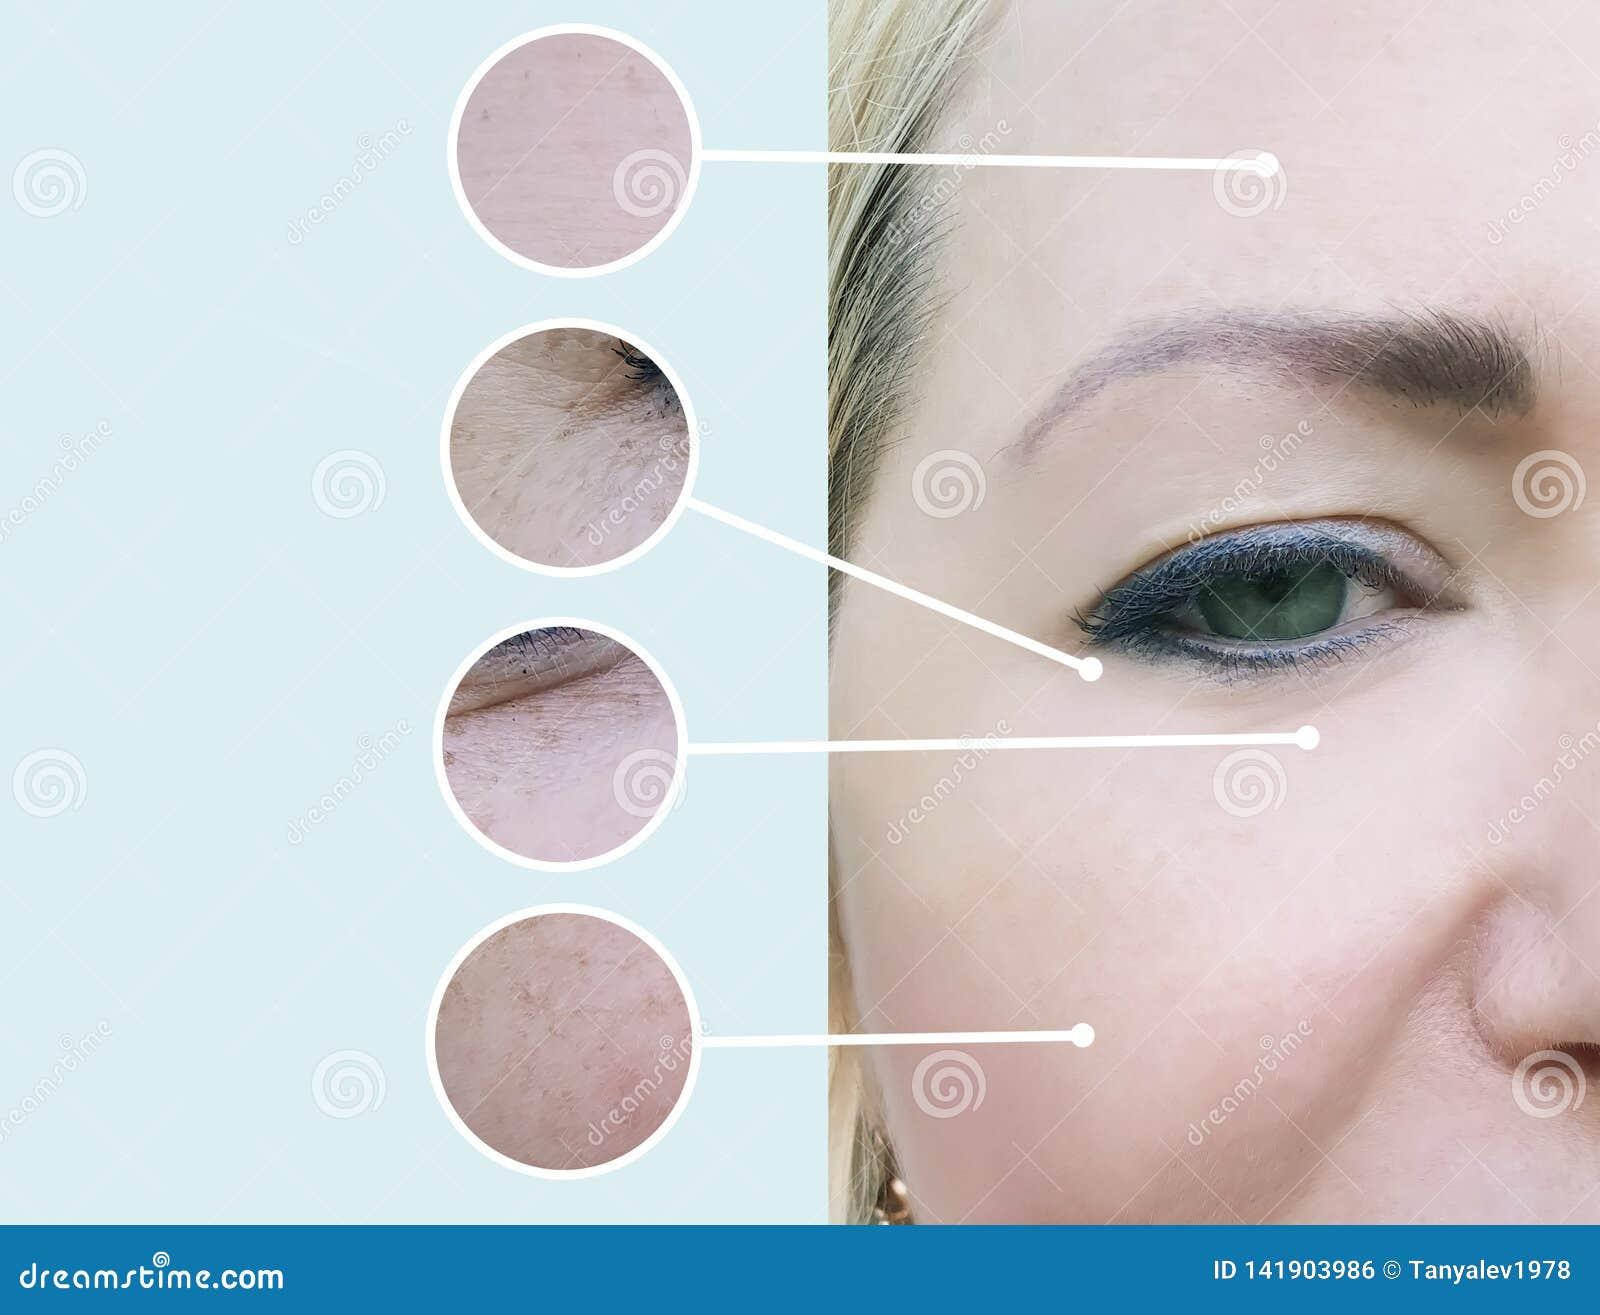 Grinze femminili prima e dopo il collage di procedure di terapia dell estetista